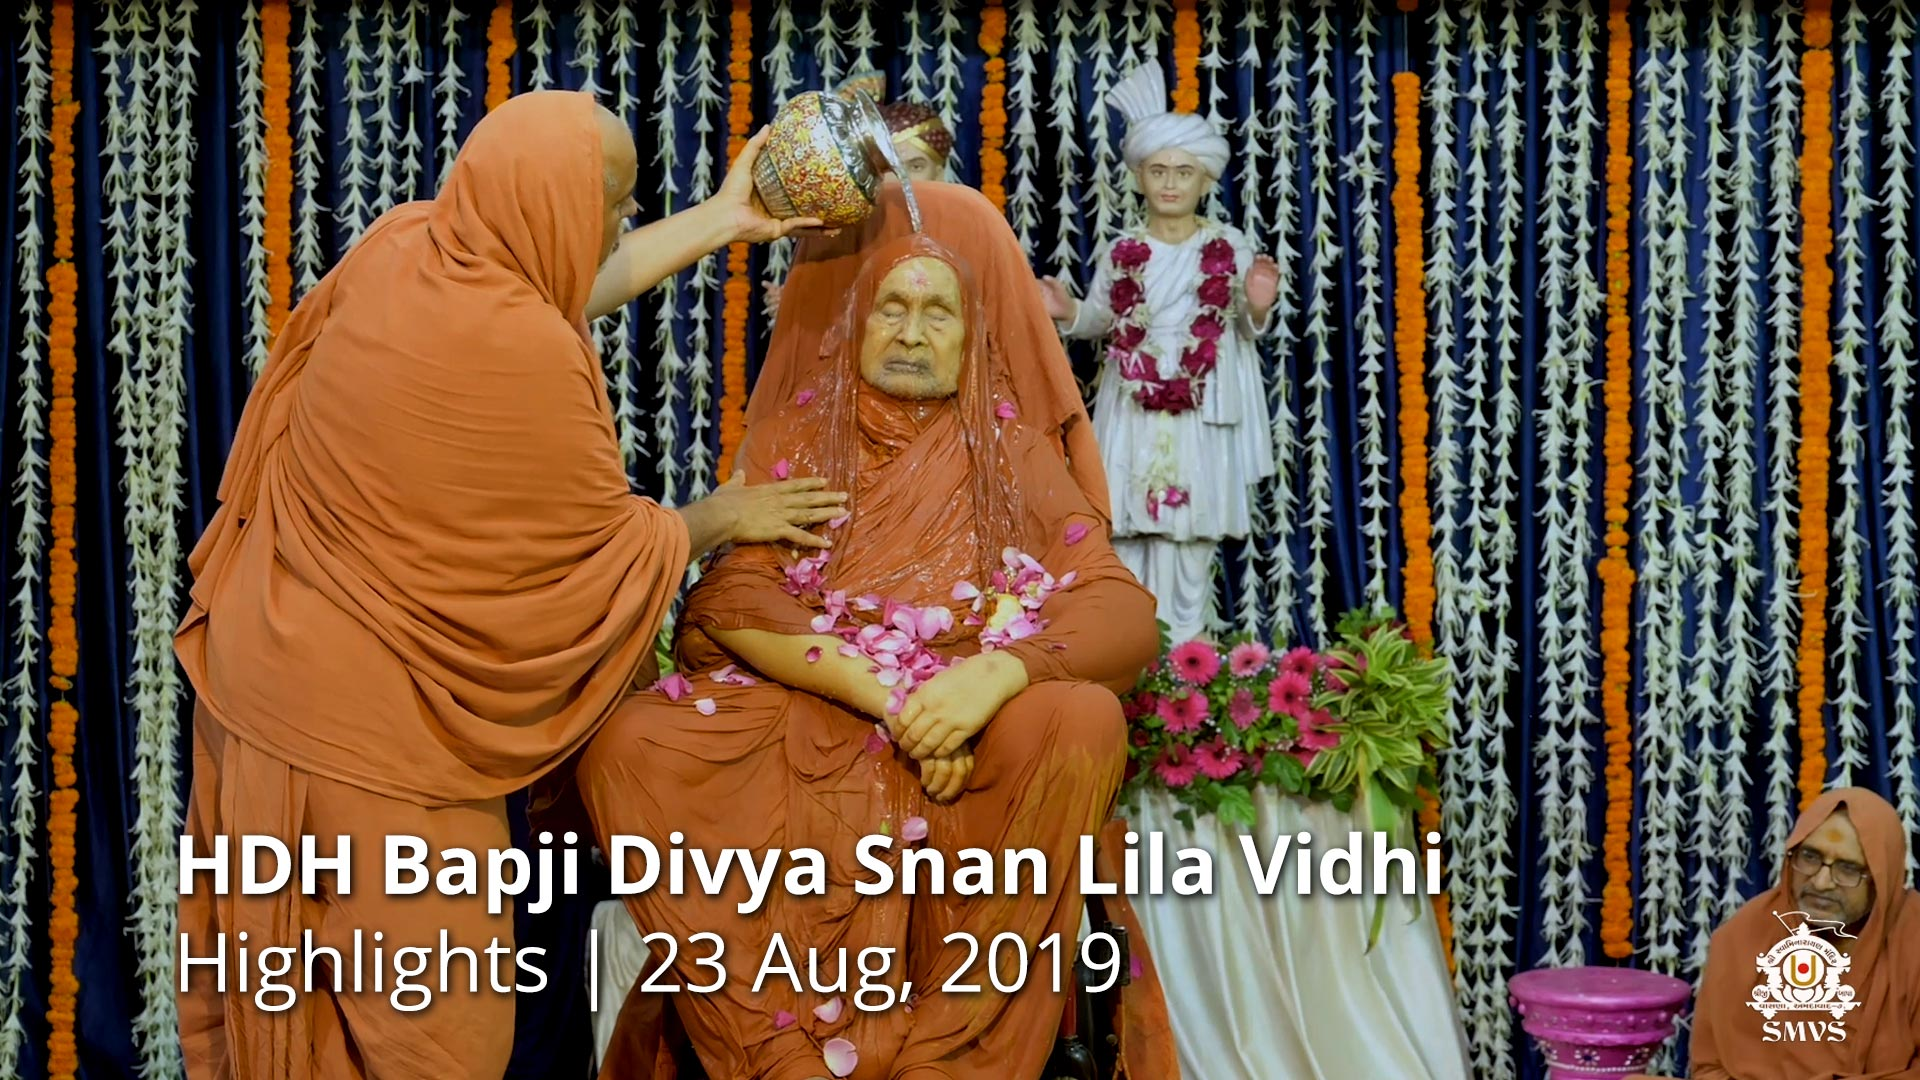 HDH Bapji Divya Snan Lila Vidhi | Highlights | 23 Aug, 2019